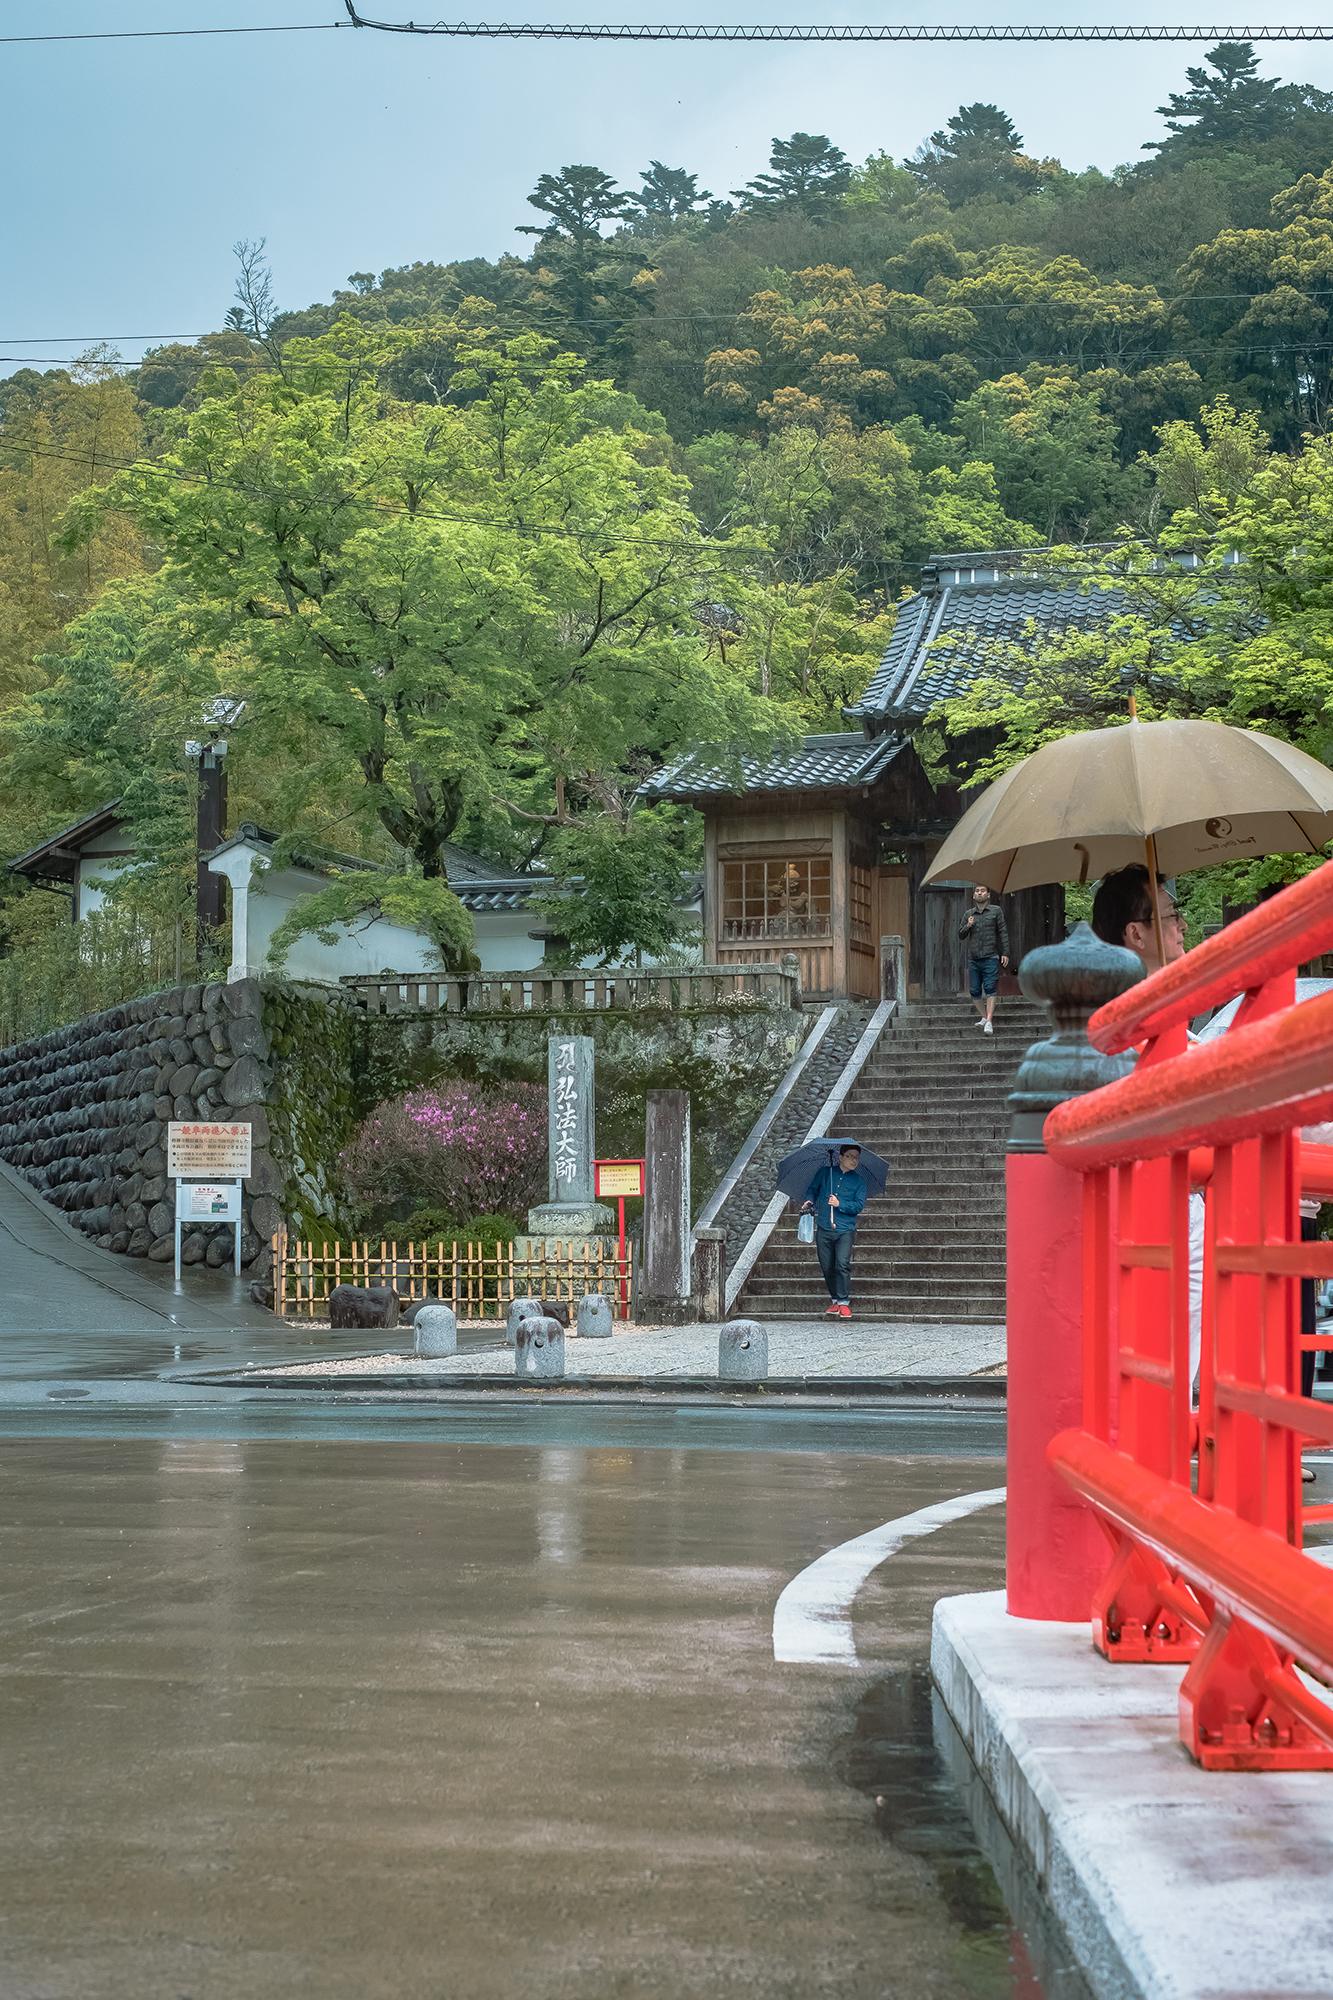 原创             日本小众旅行地,修善寺古朴安静的温泉小镇